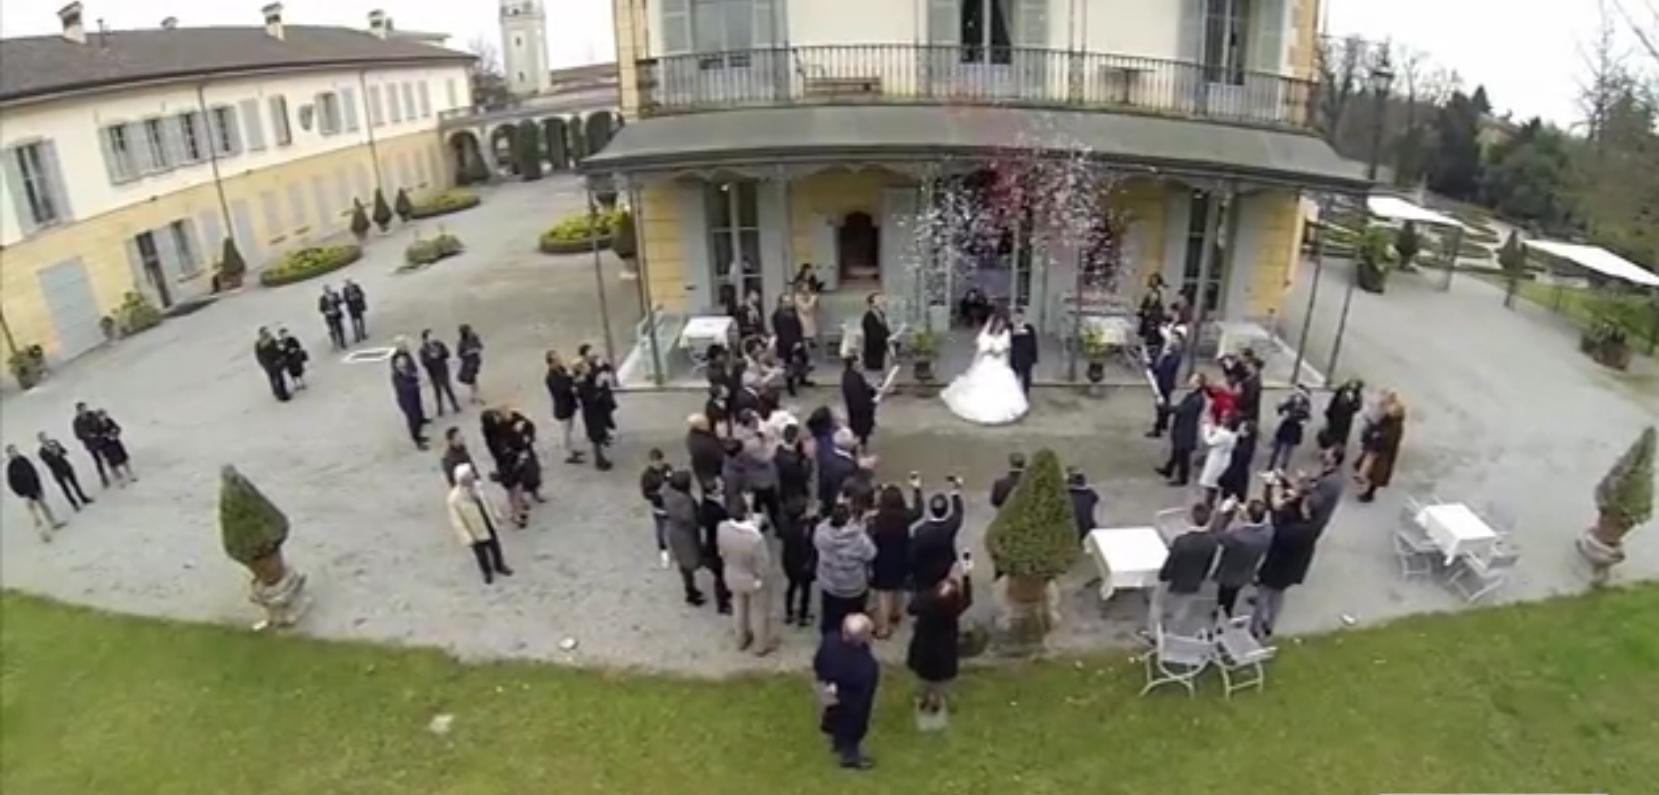 Realizzazione Video – Riprese Aeree Drone